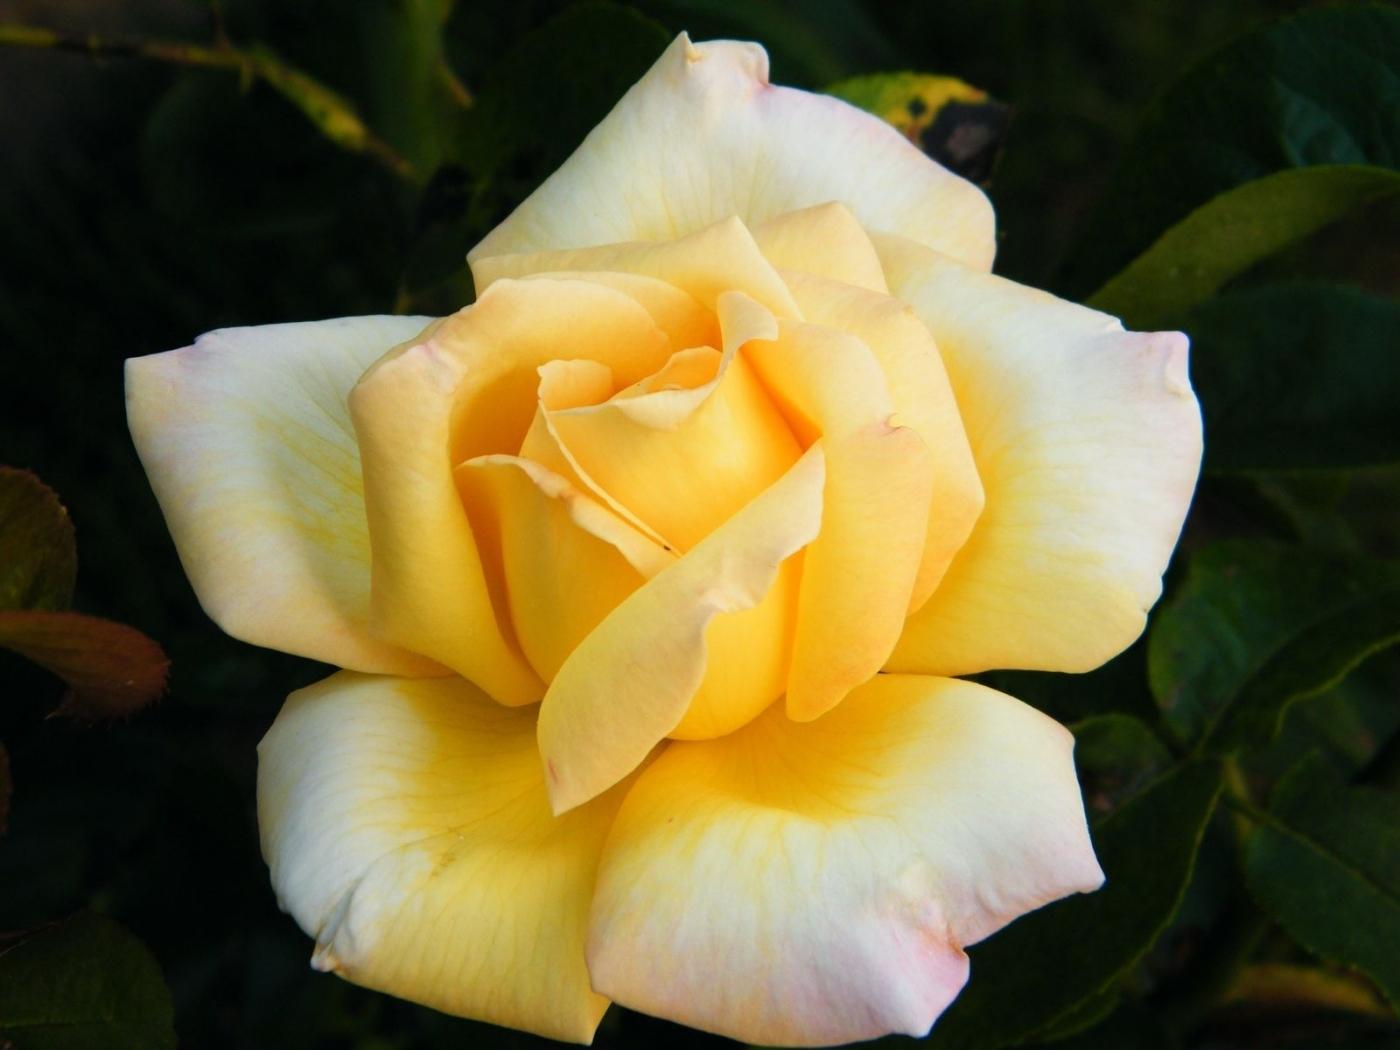 26048 скачать обои Растения, Цветы, Розы - заставки и картинки бесплатно